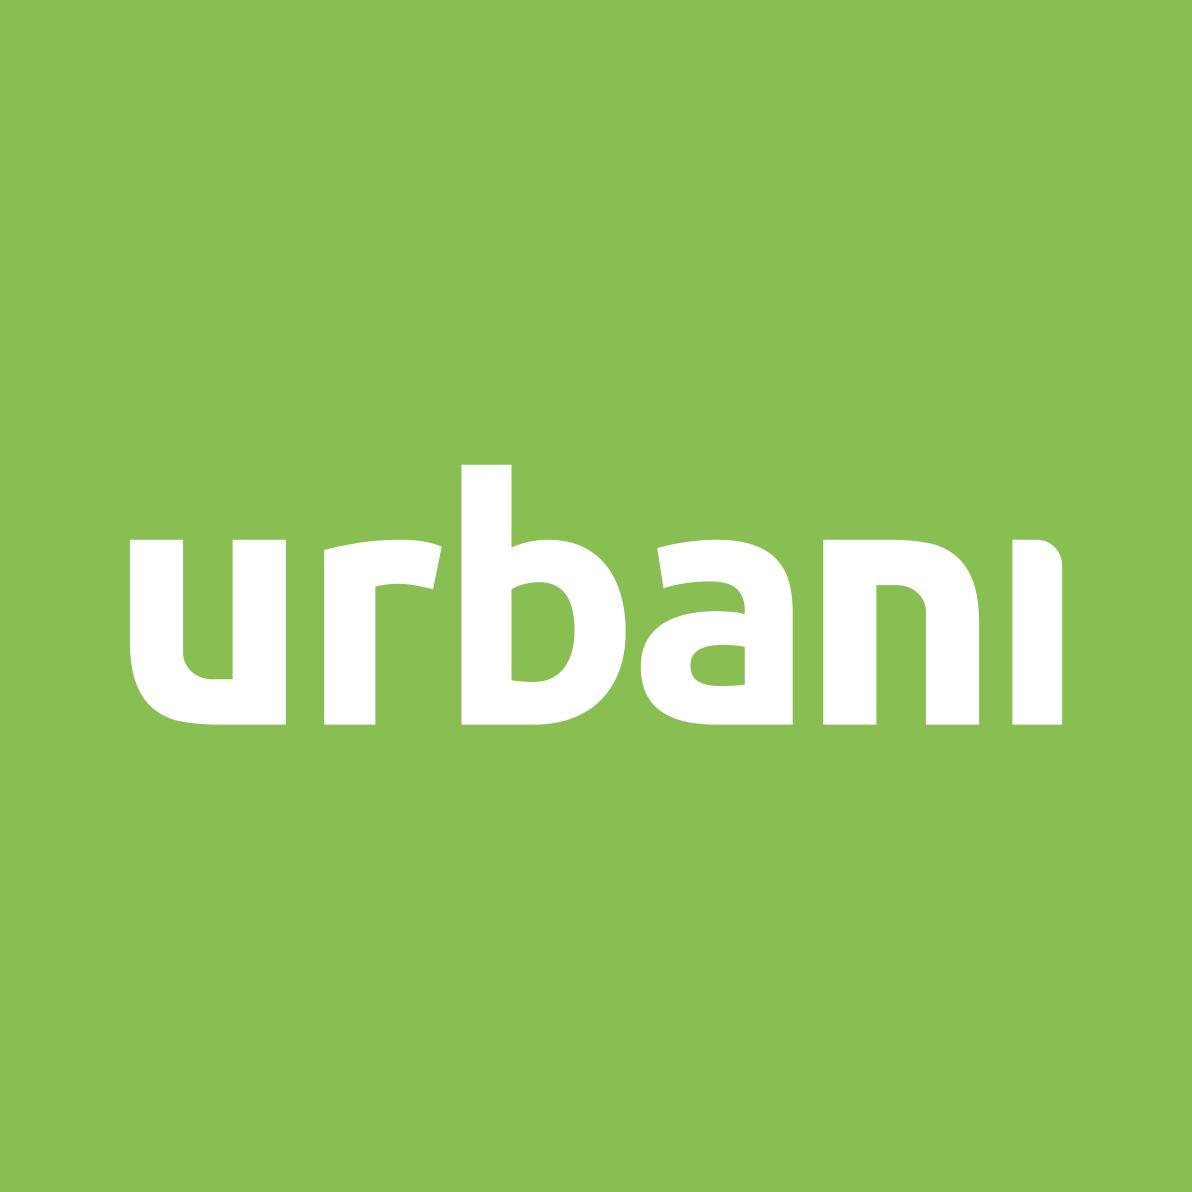 Empresas Desafio10x: Urbani